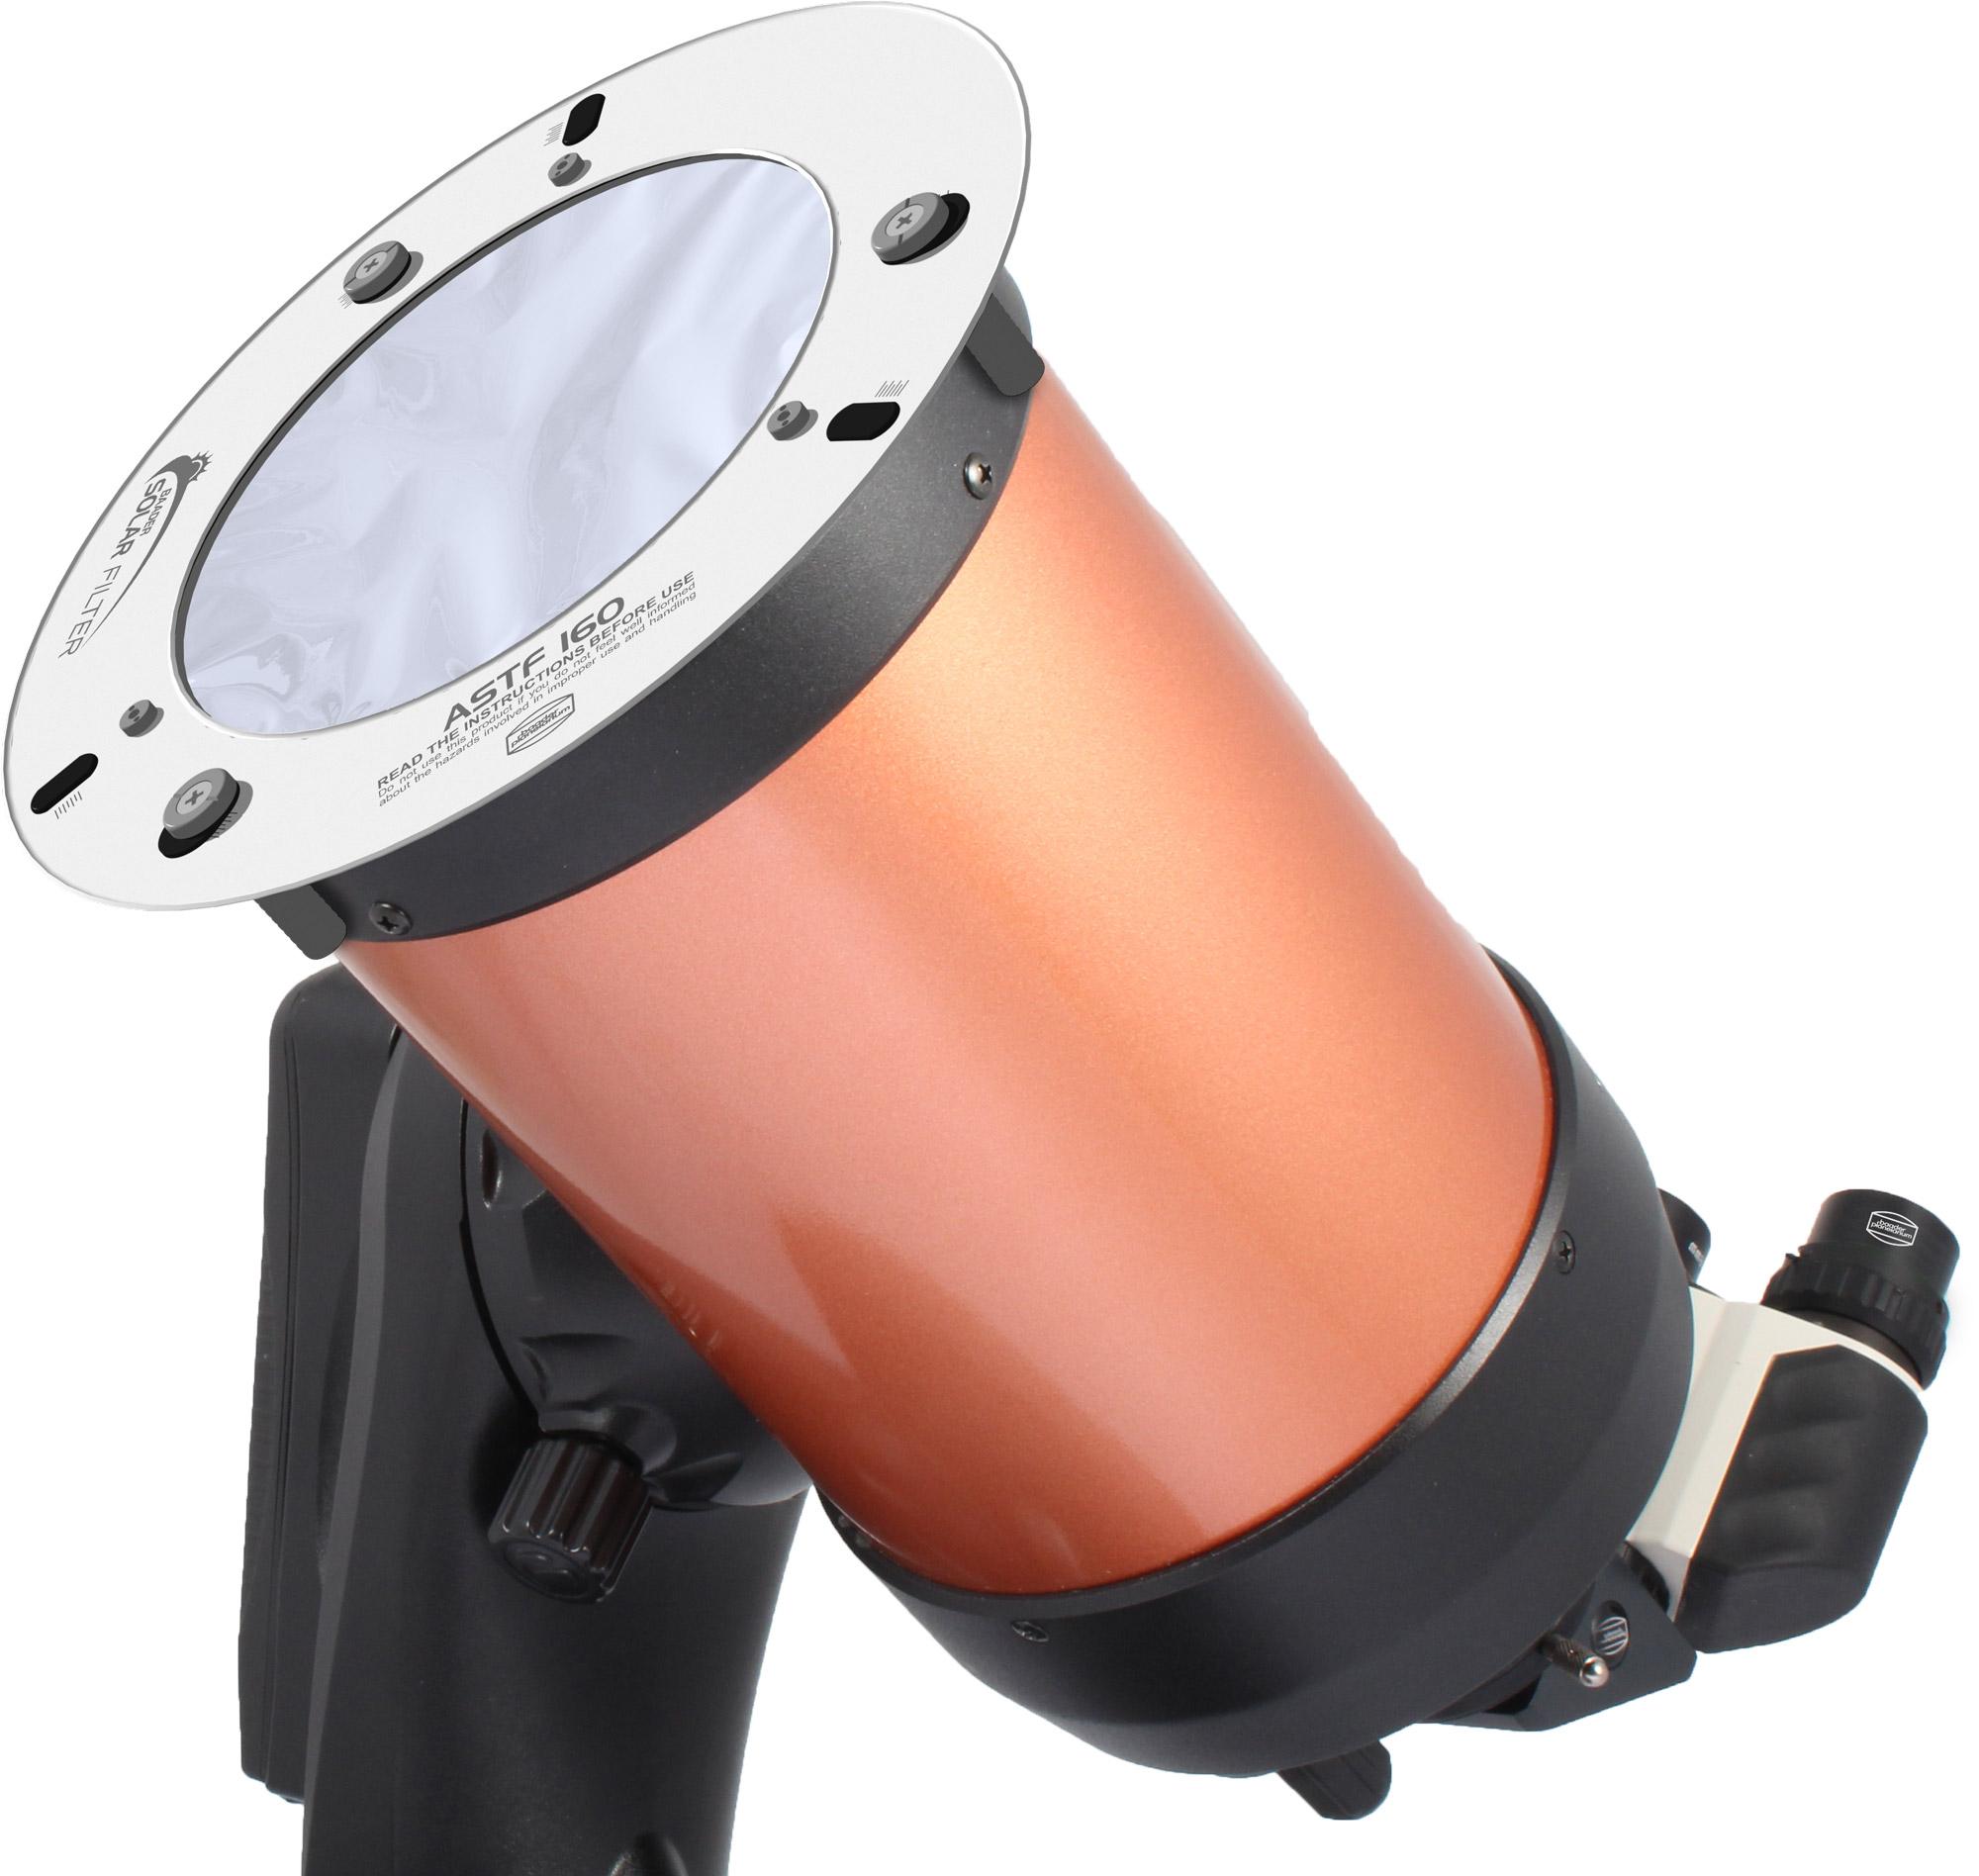 Teleskop mit Sonnenfilter der ASTF-Serie